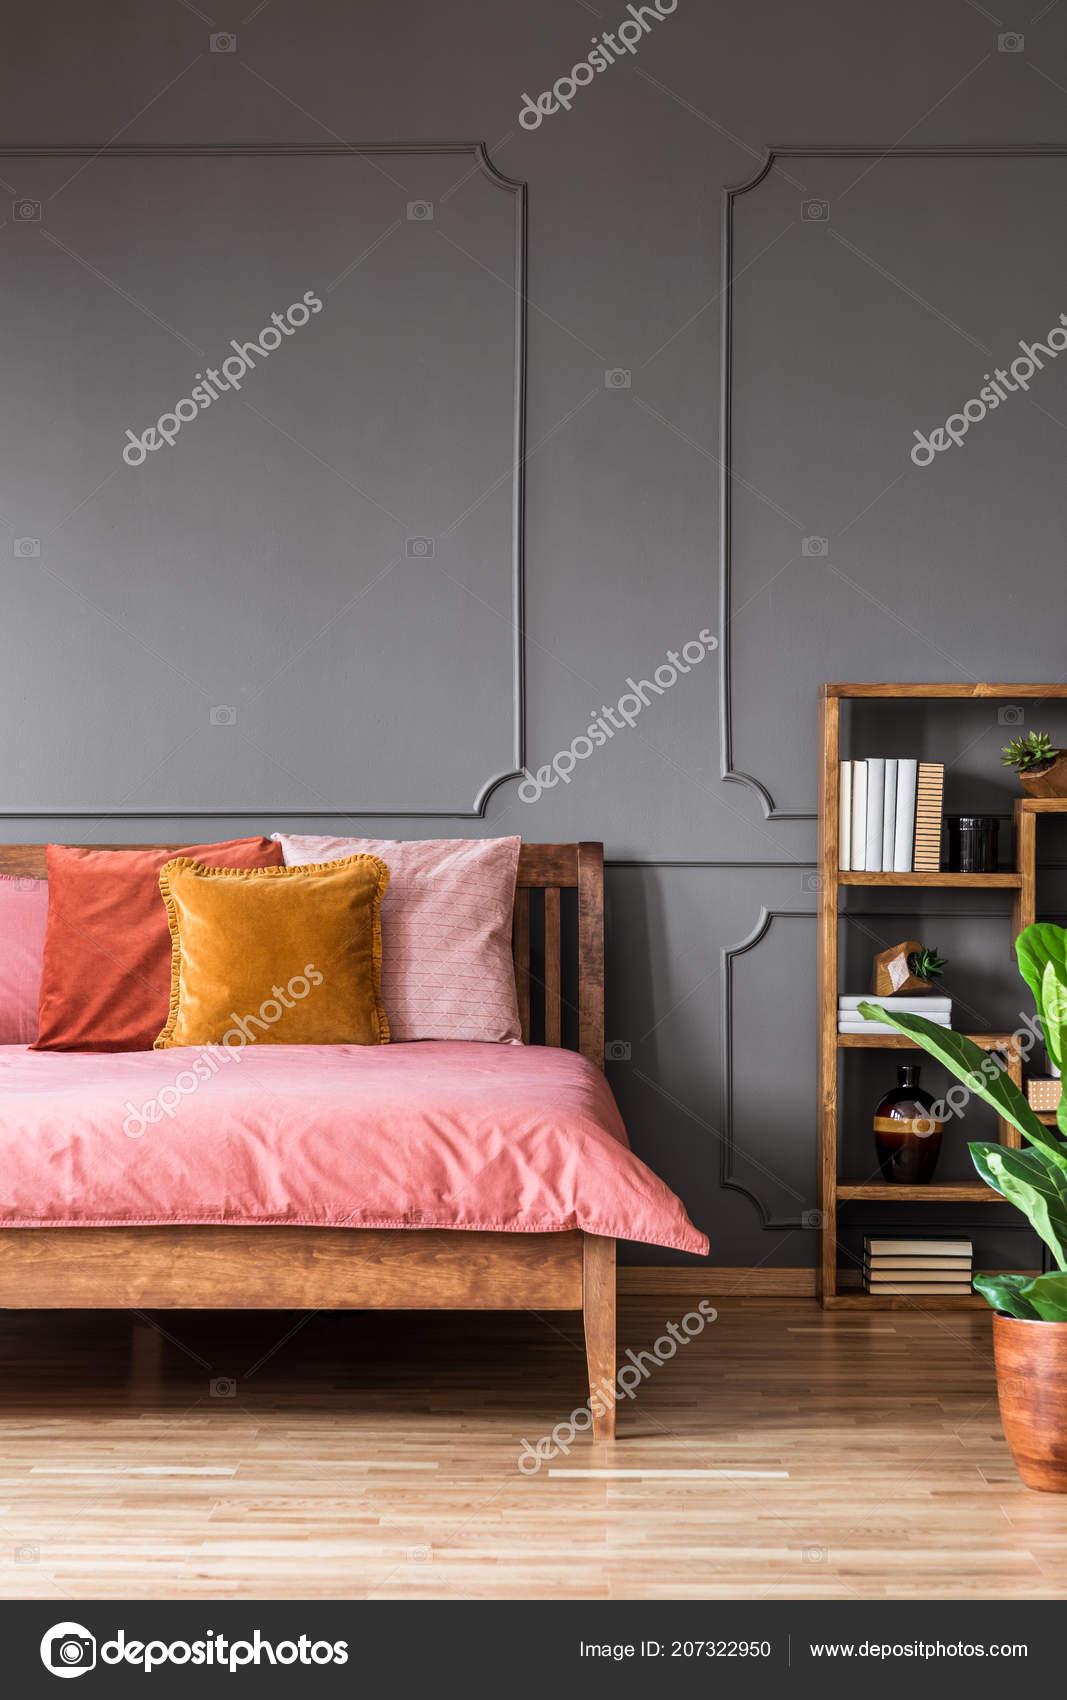 Coussin Jaune Orange Sur Lit Rose Intérieur Moderne Chambre ...